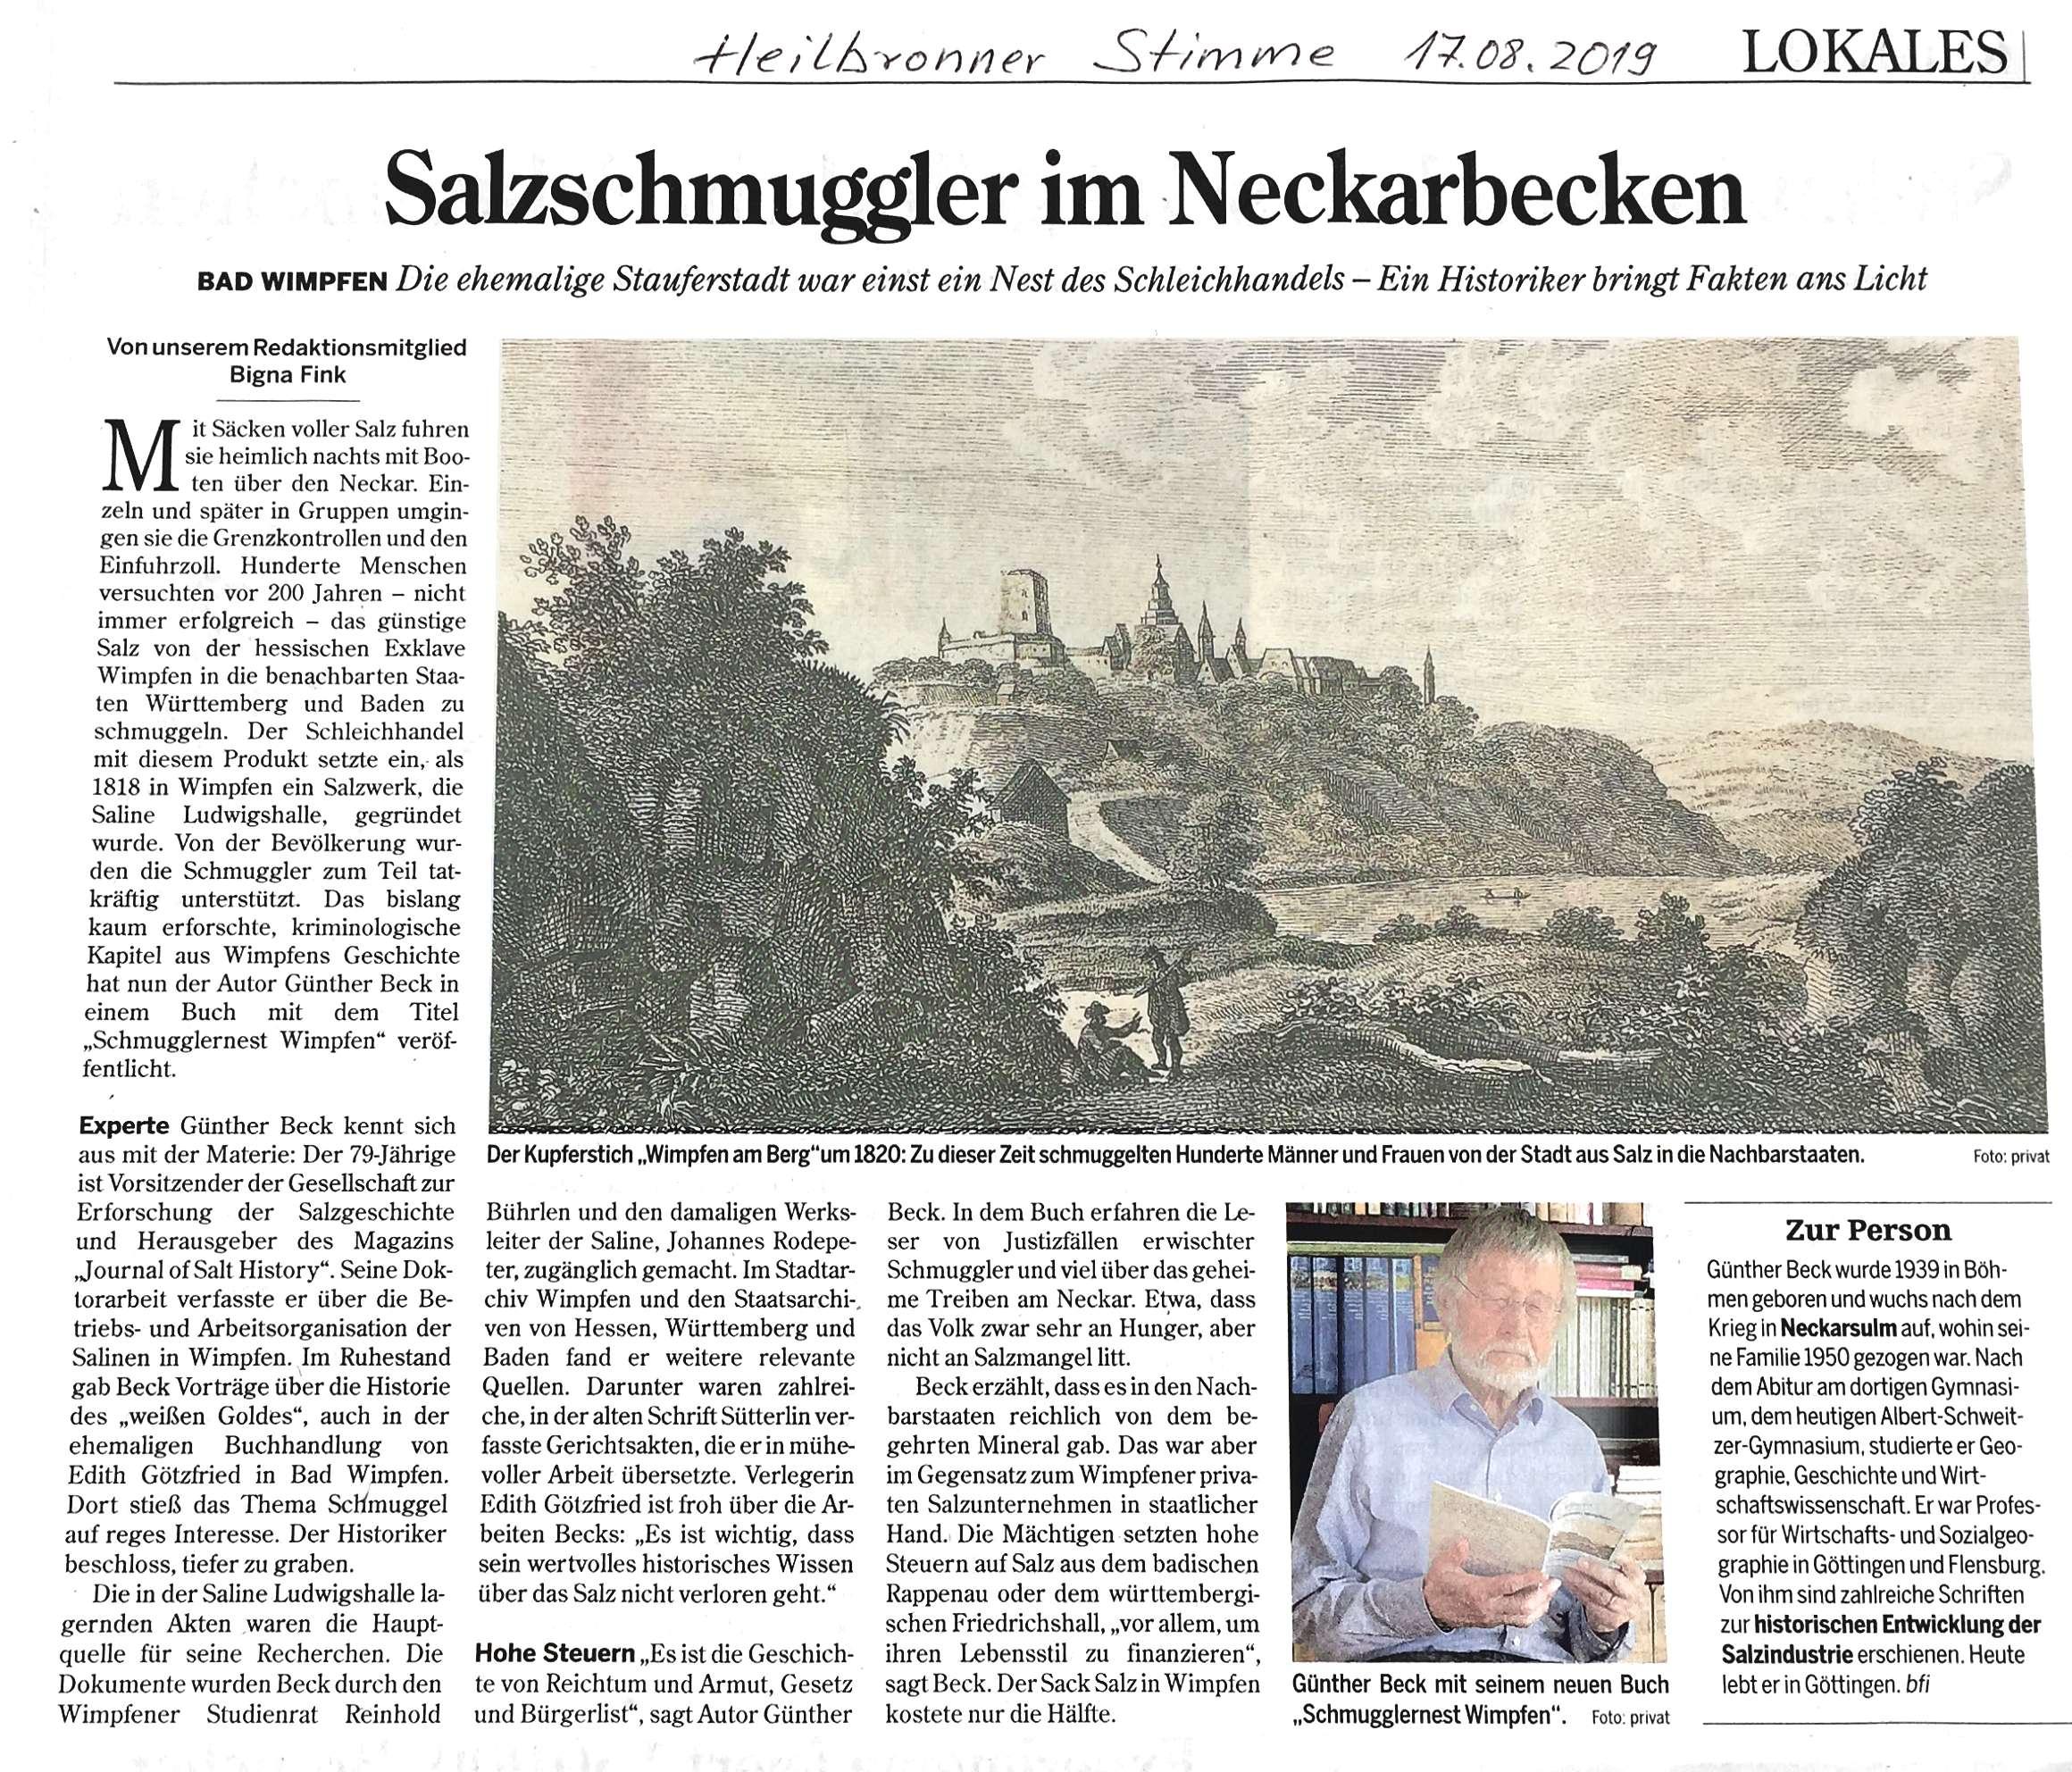 Salzschmuggler-im-Neckarbecken-Artikel-HST-17.8.19